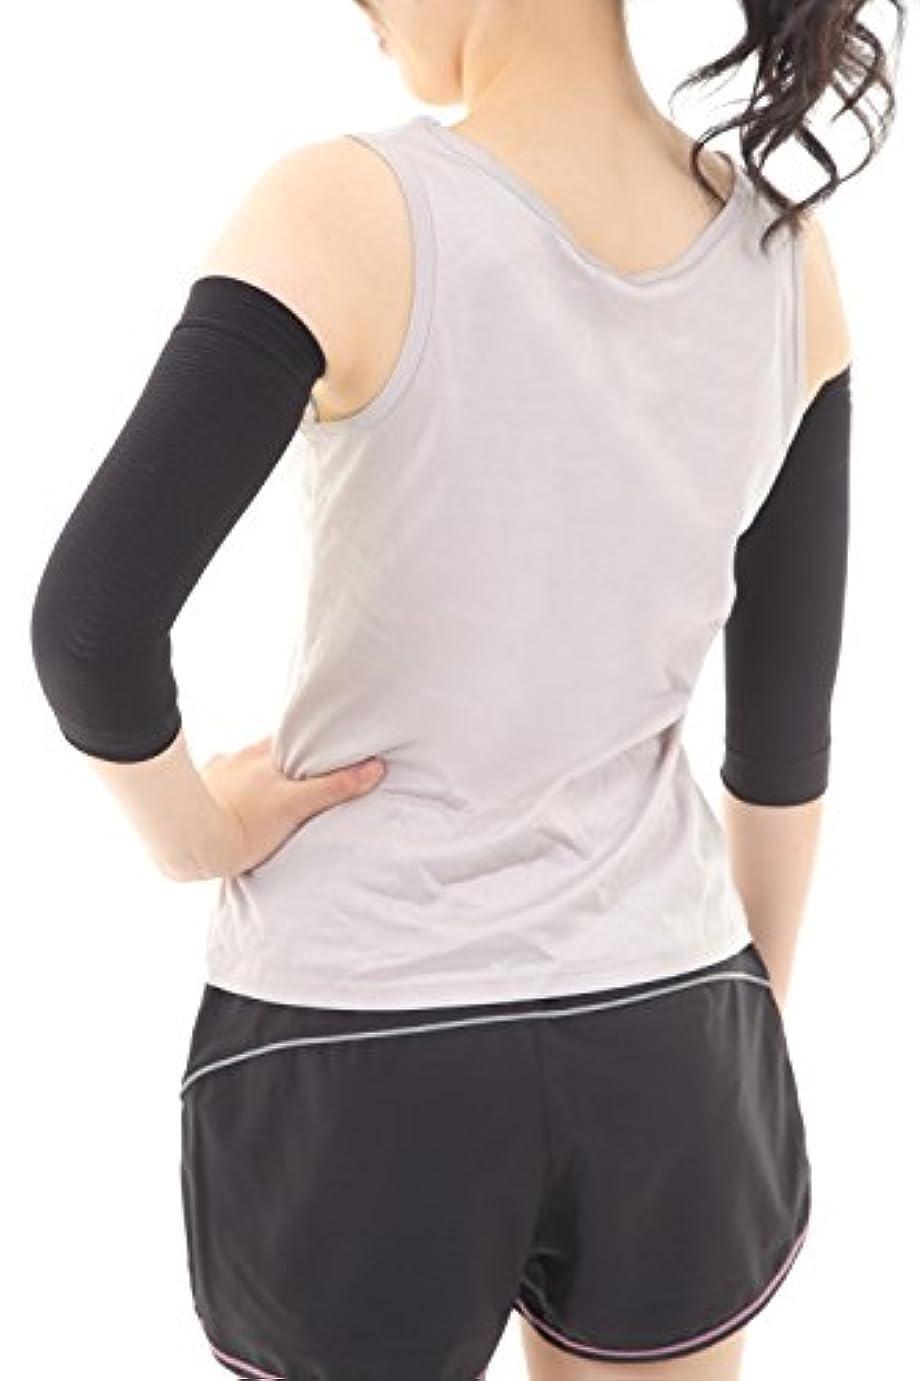 貸す心臓大きなスケールで見ると二の腕シェイプ 着圧「腕キュッと」 二の腕 シェイパー 二の腕 引き締め (ブラック)